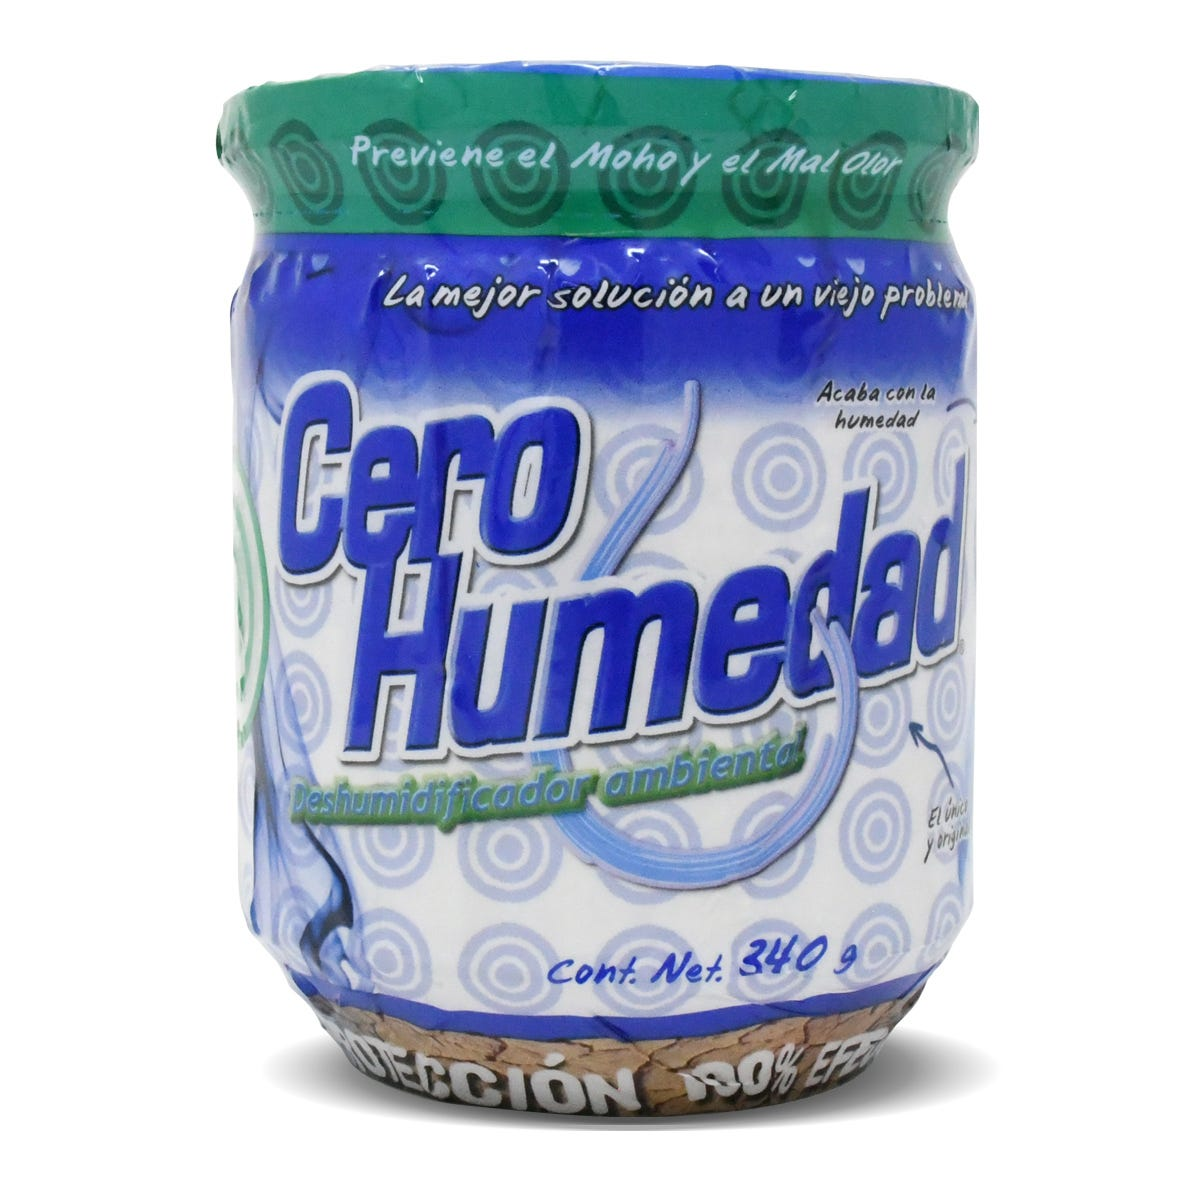 Deshumidificador ambiental Cero Humedad® de 340 g